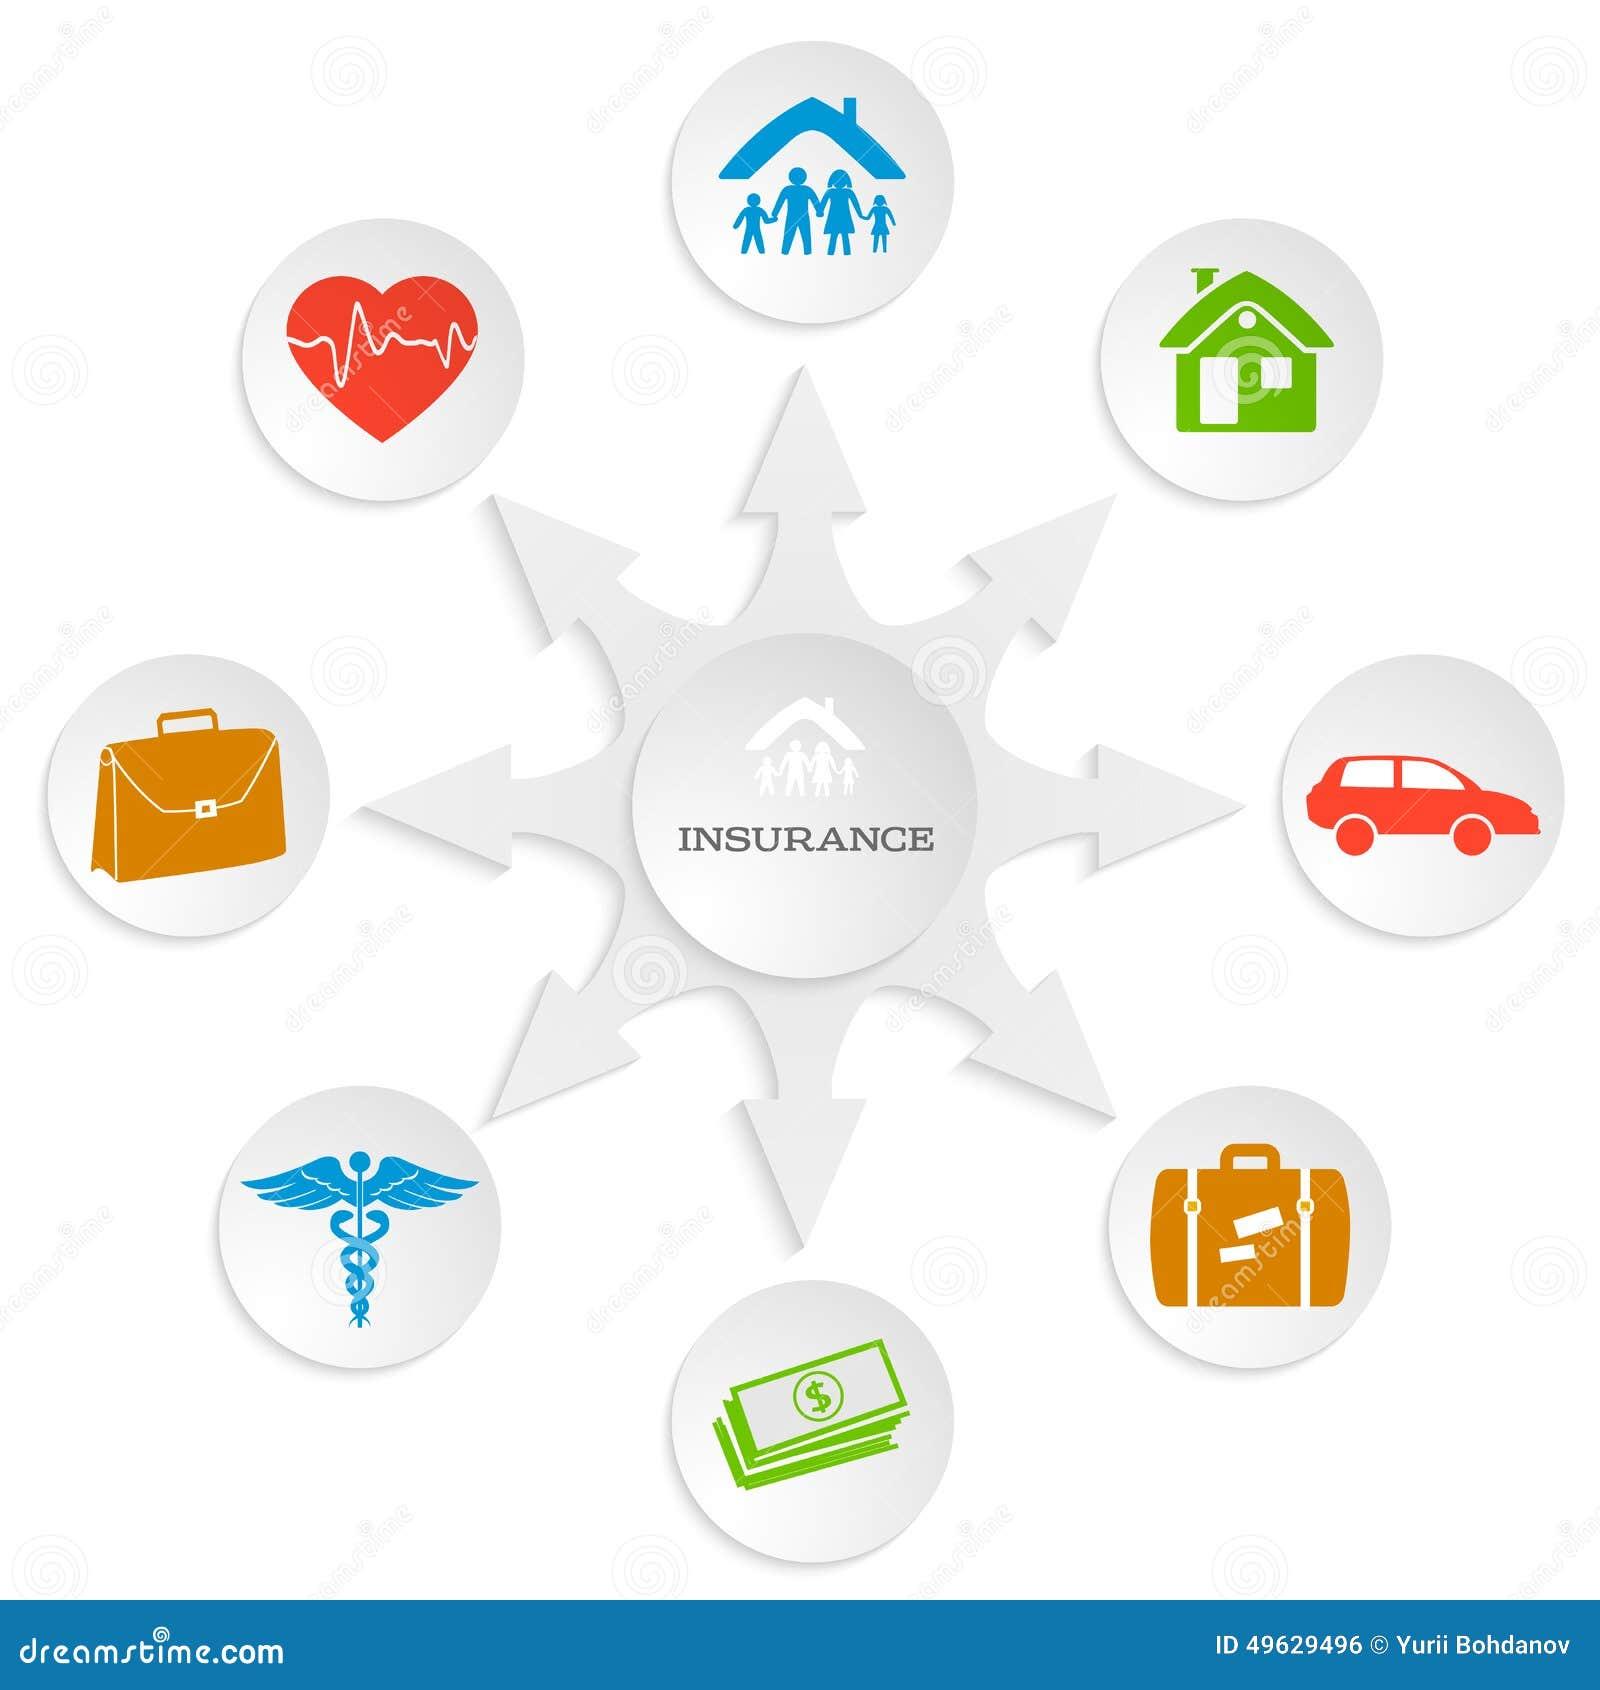 Versicherung-Service-Konzept-auf-weiß-Hintergrund-Karte-Farbe